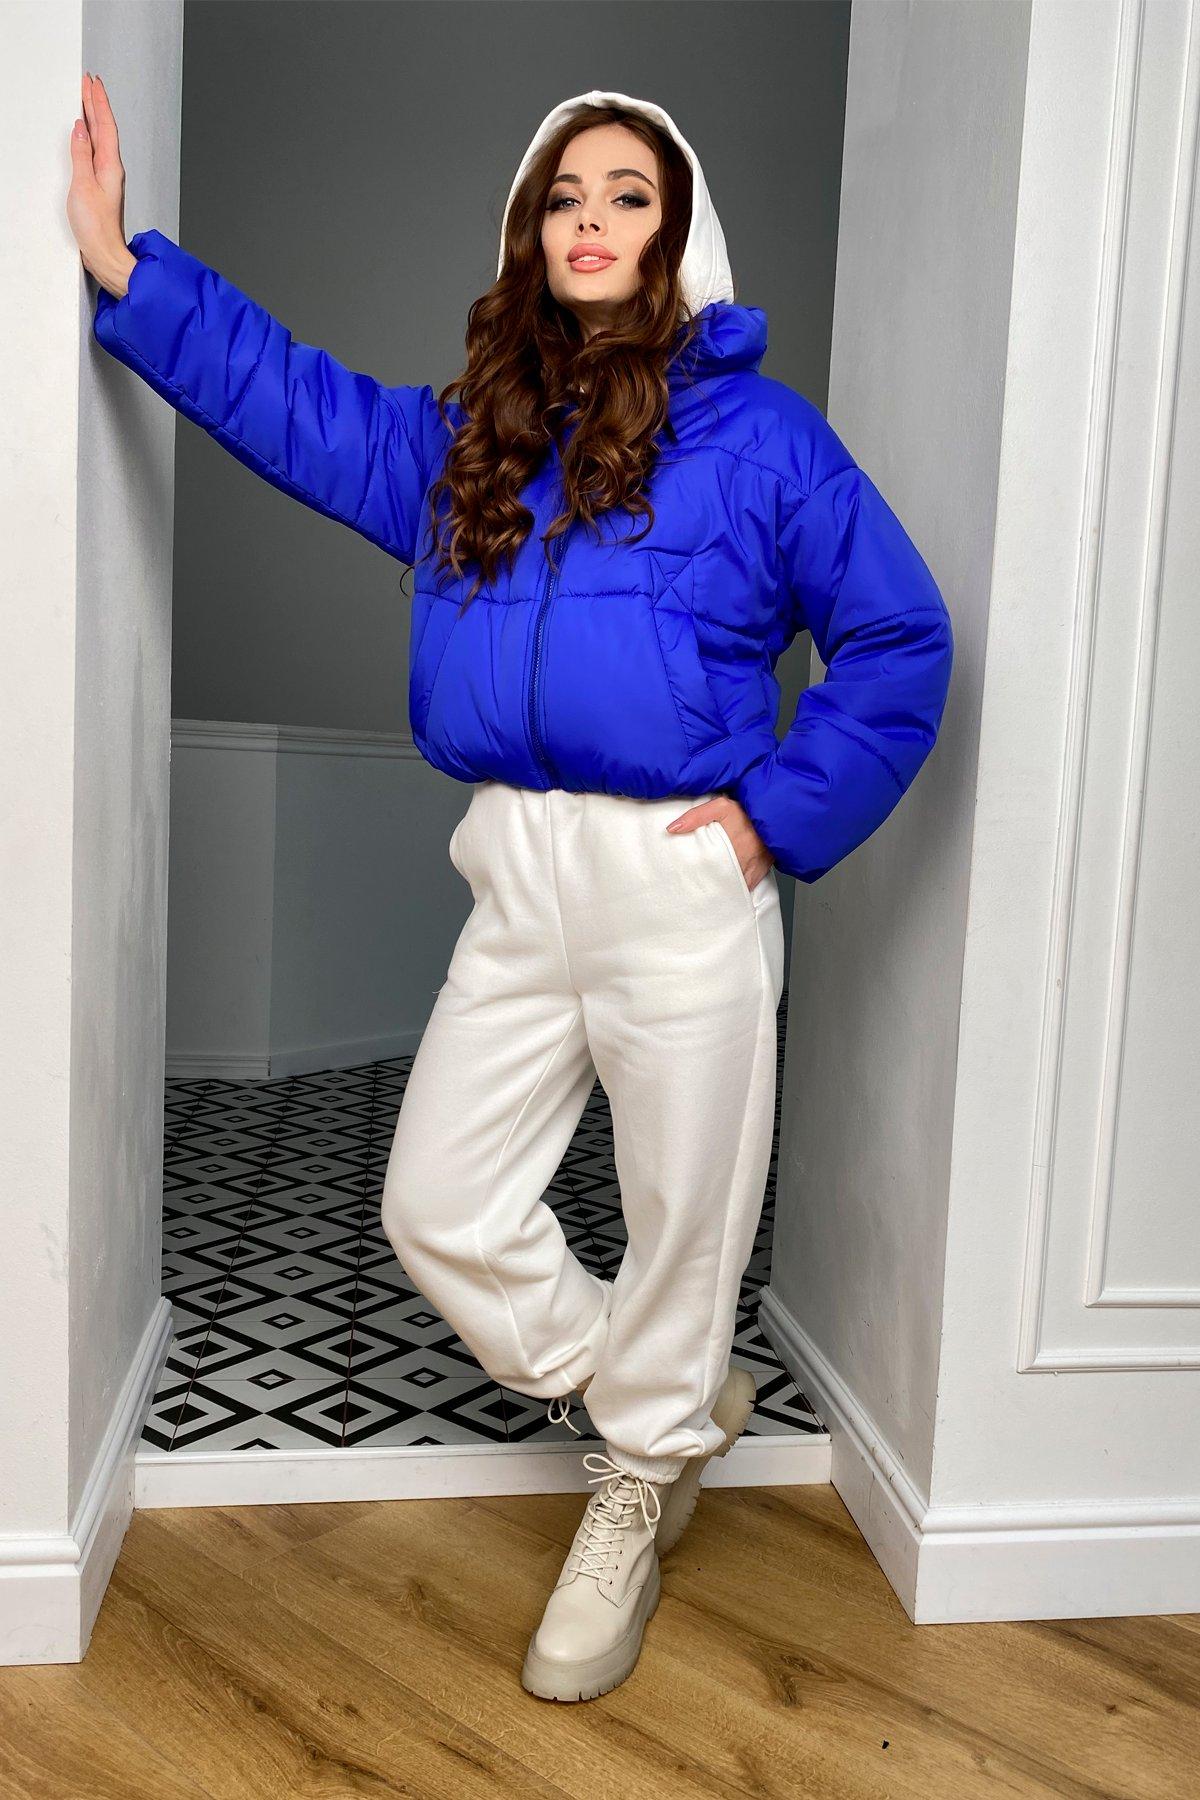 Драйв куртка из плащевой ткани 10448 АРТ. 46769 Цвет: Электрик 1052 - фото 8, интернет магазин tm-modus.ru